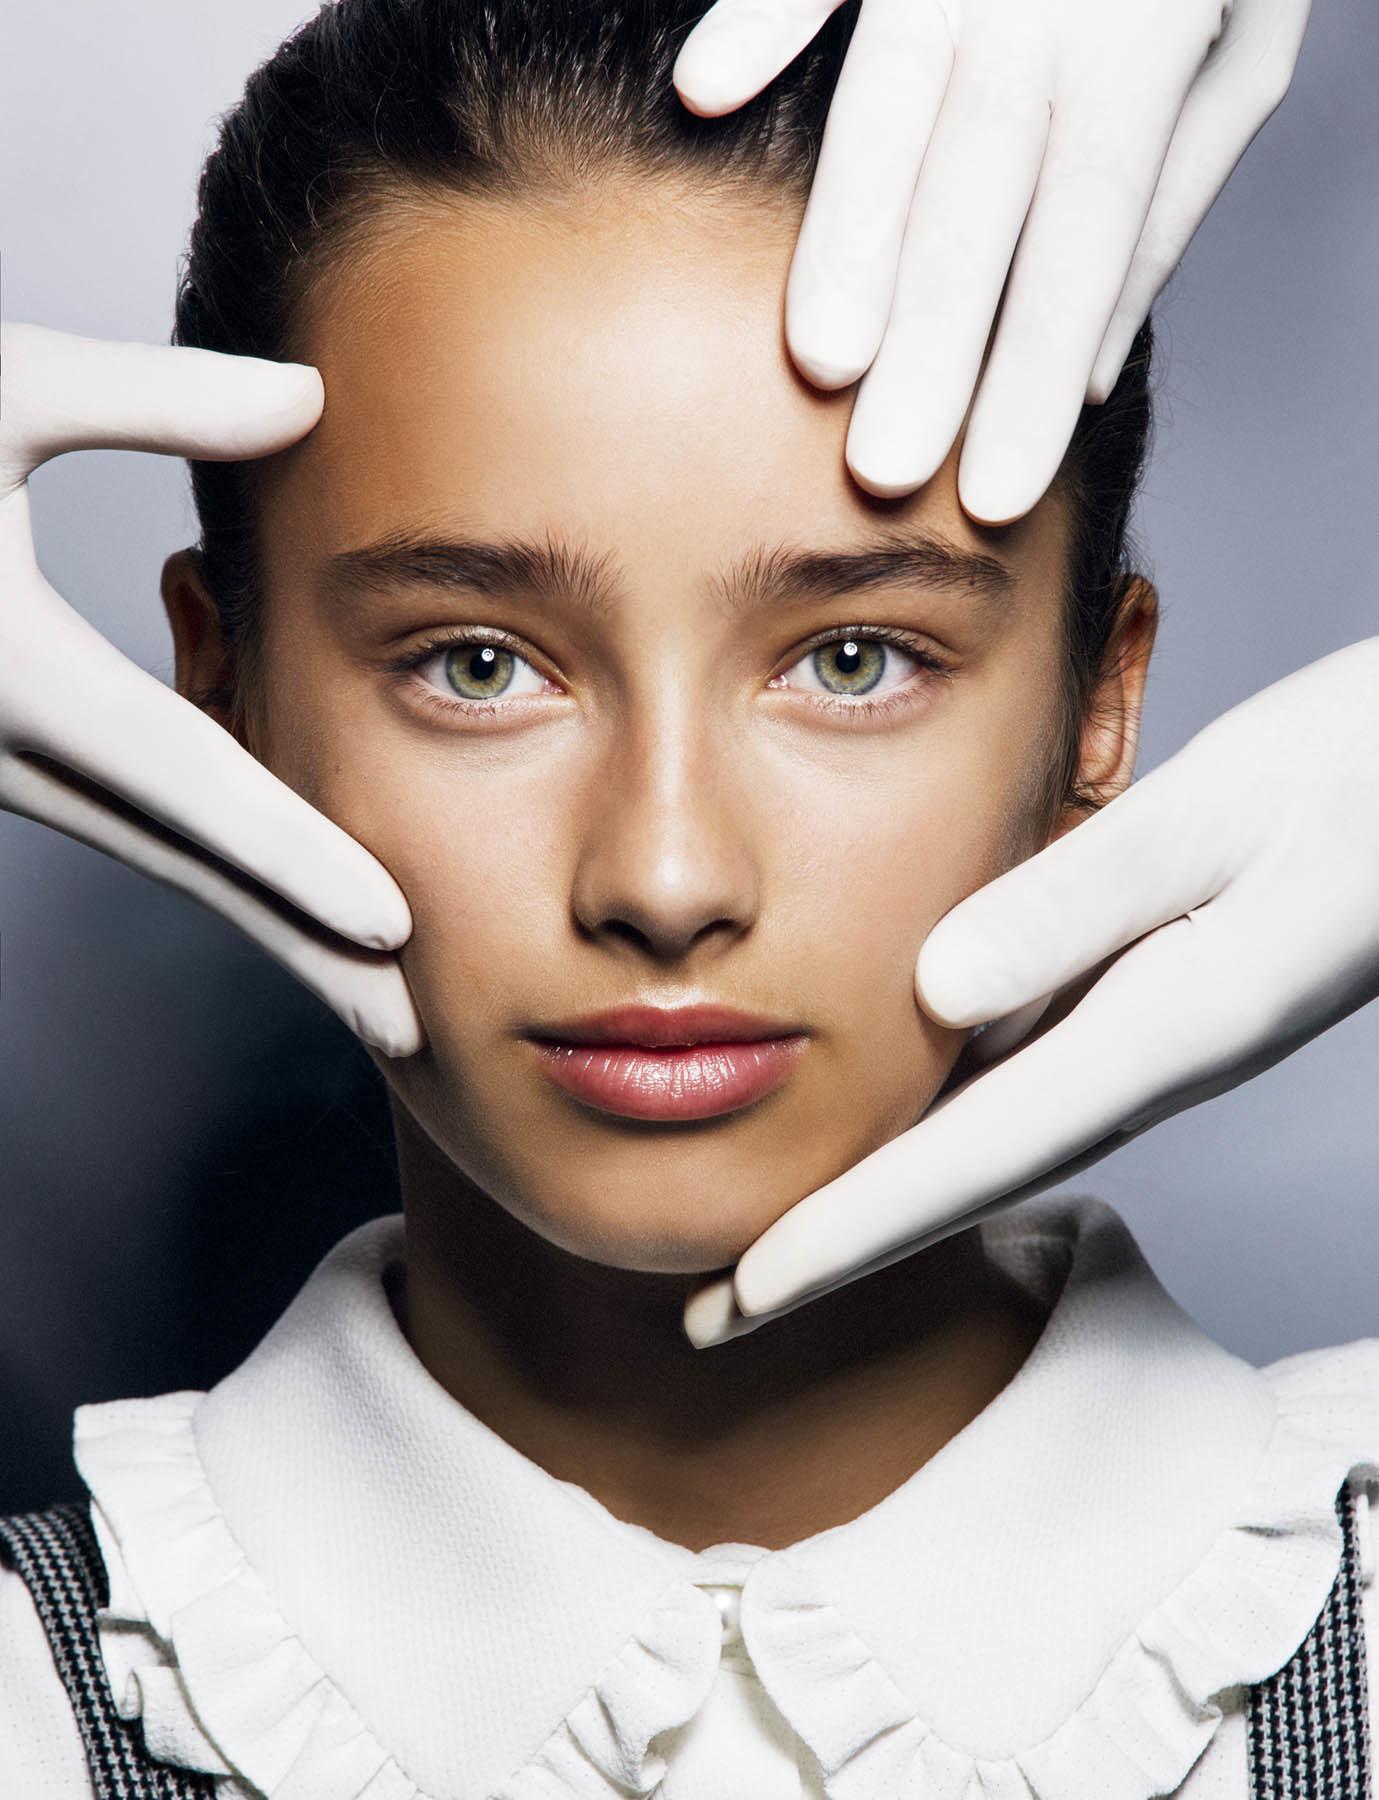 La radiofrecuencia facial sirve para combatir la flacidez y las...